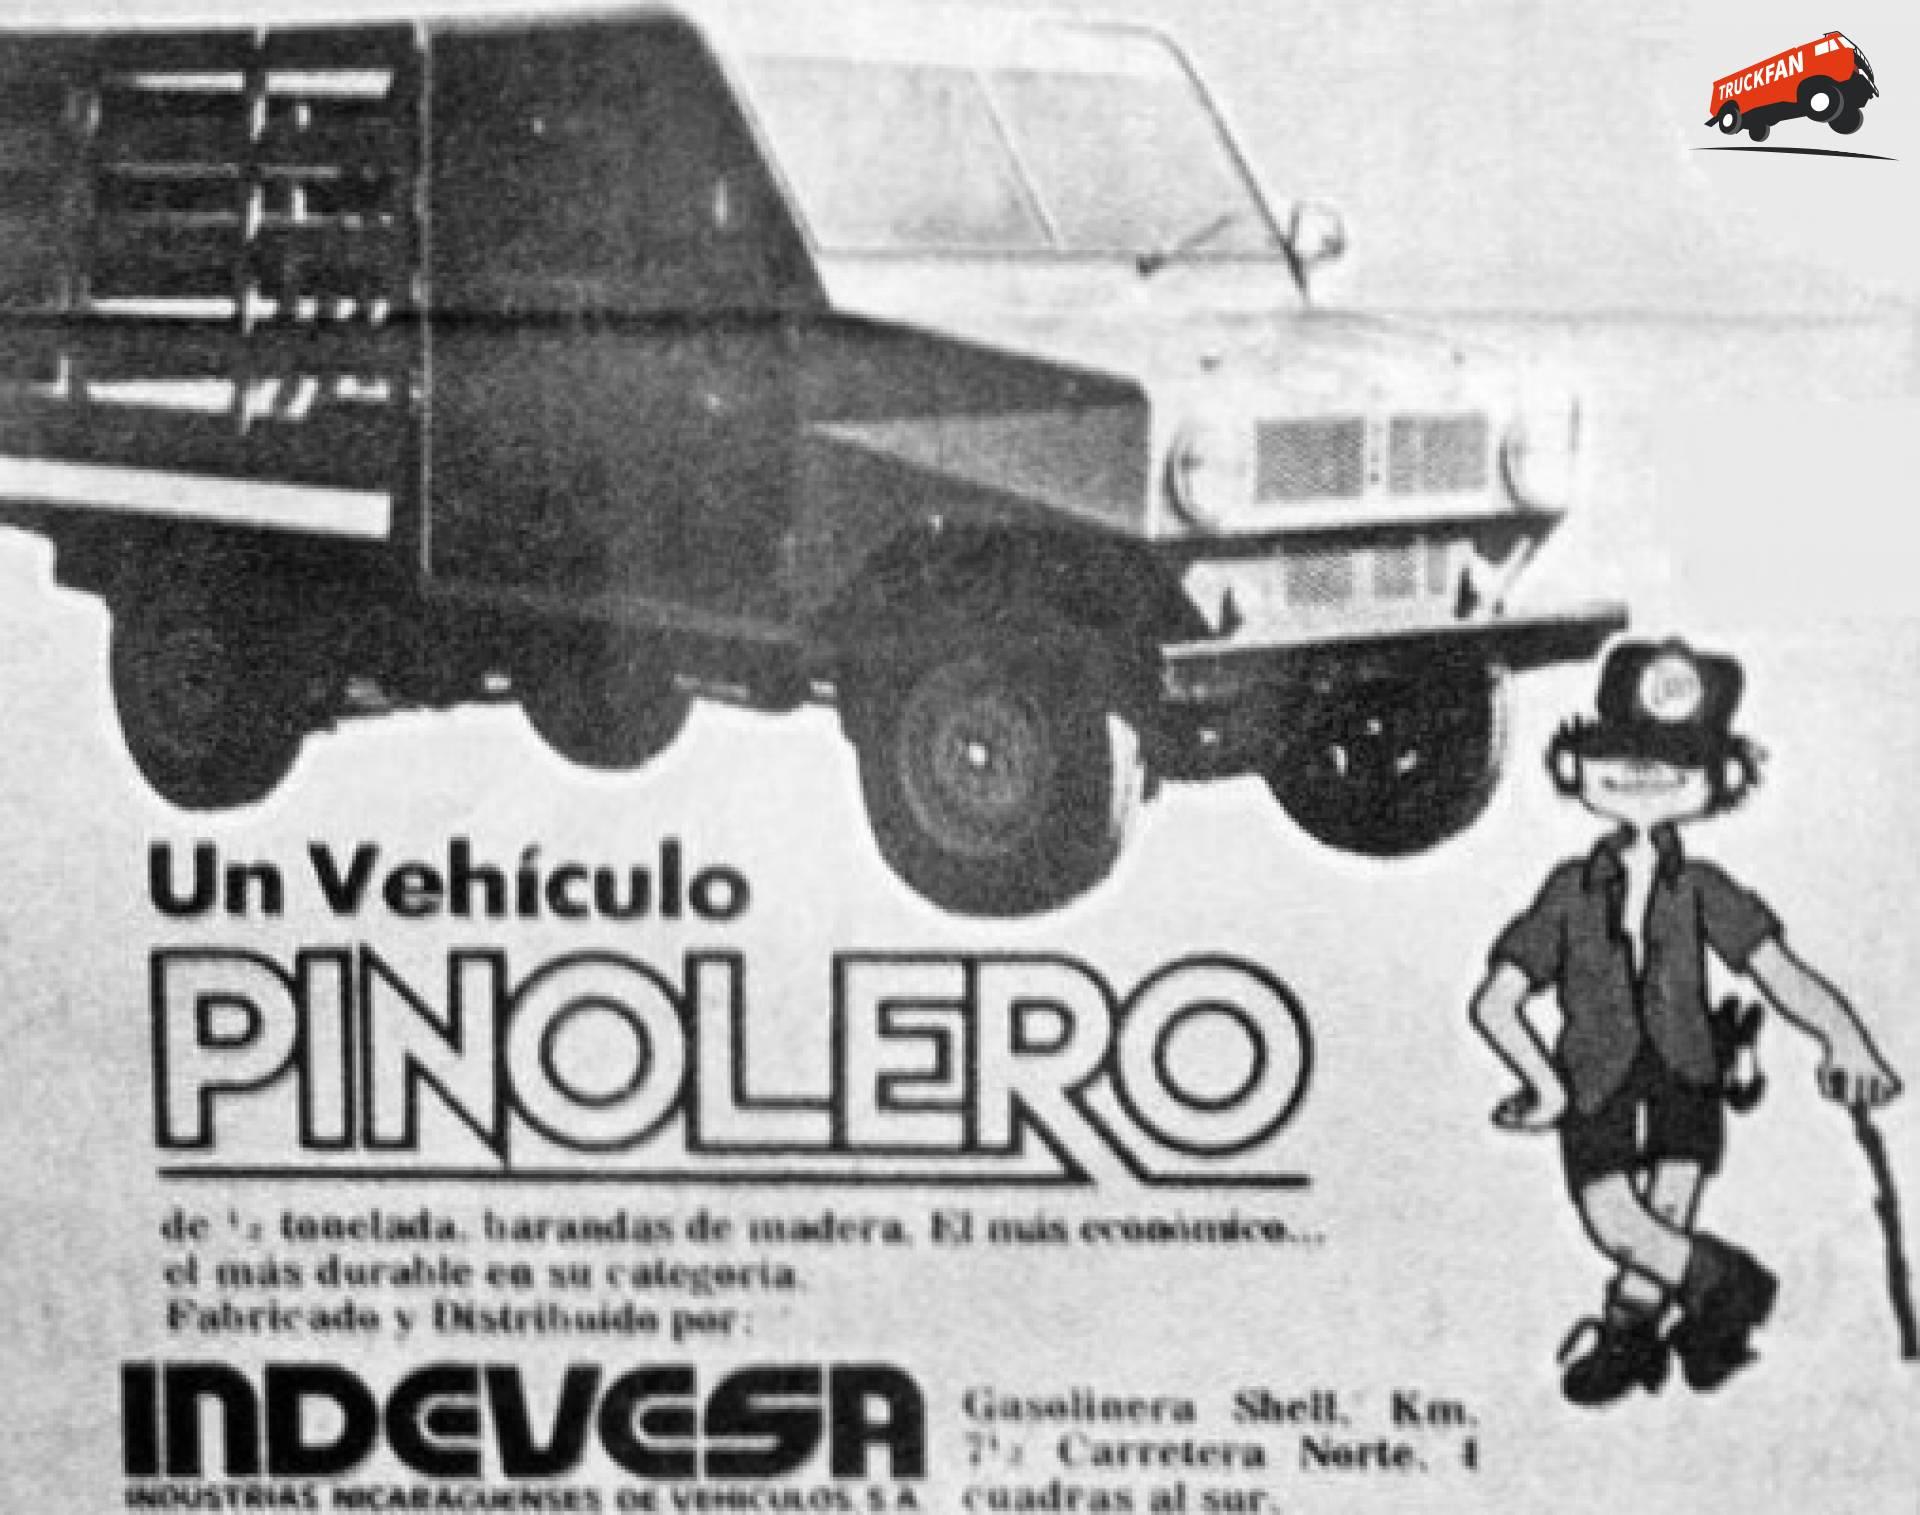 Pinolero BTV